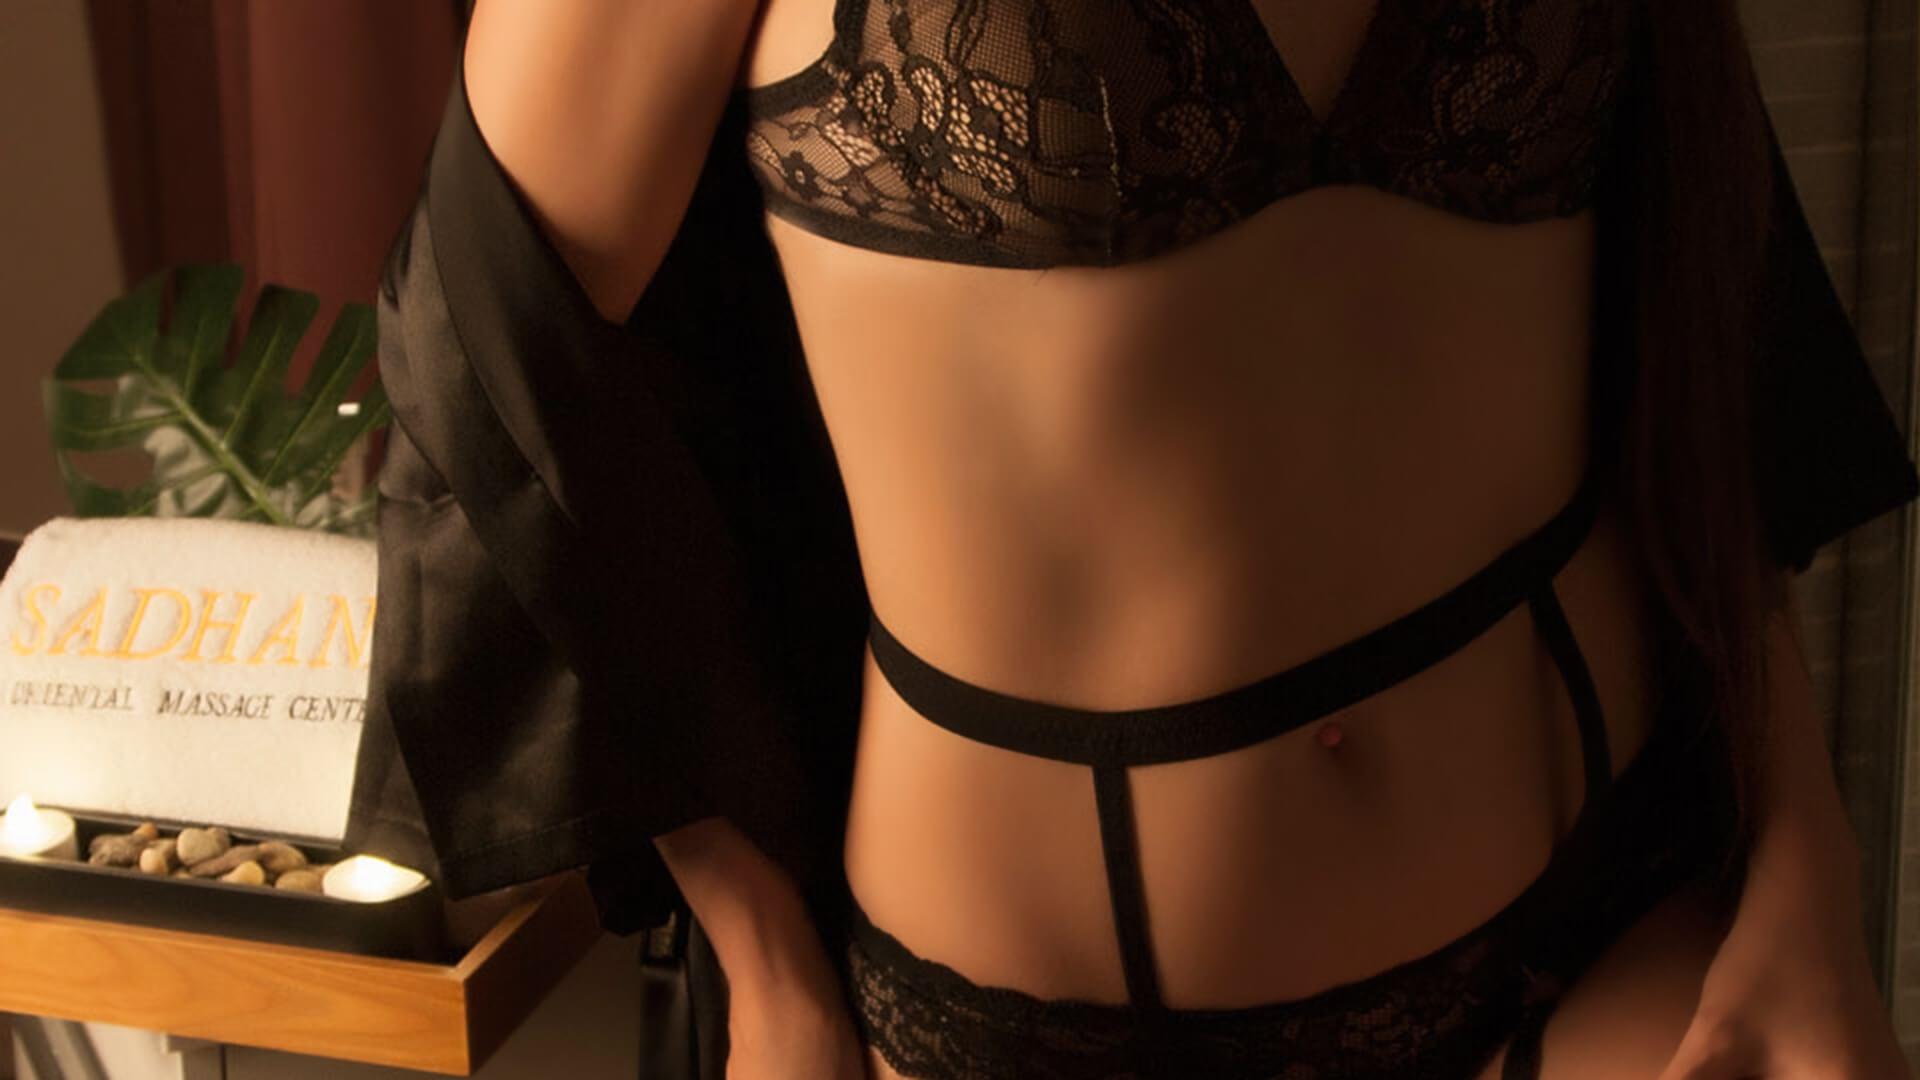 chica masajista erotica valencia